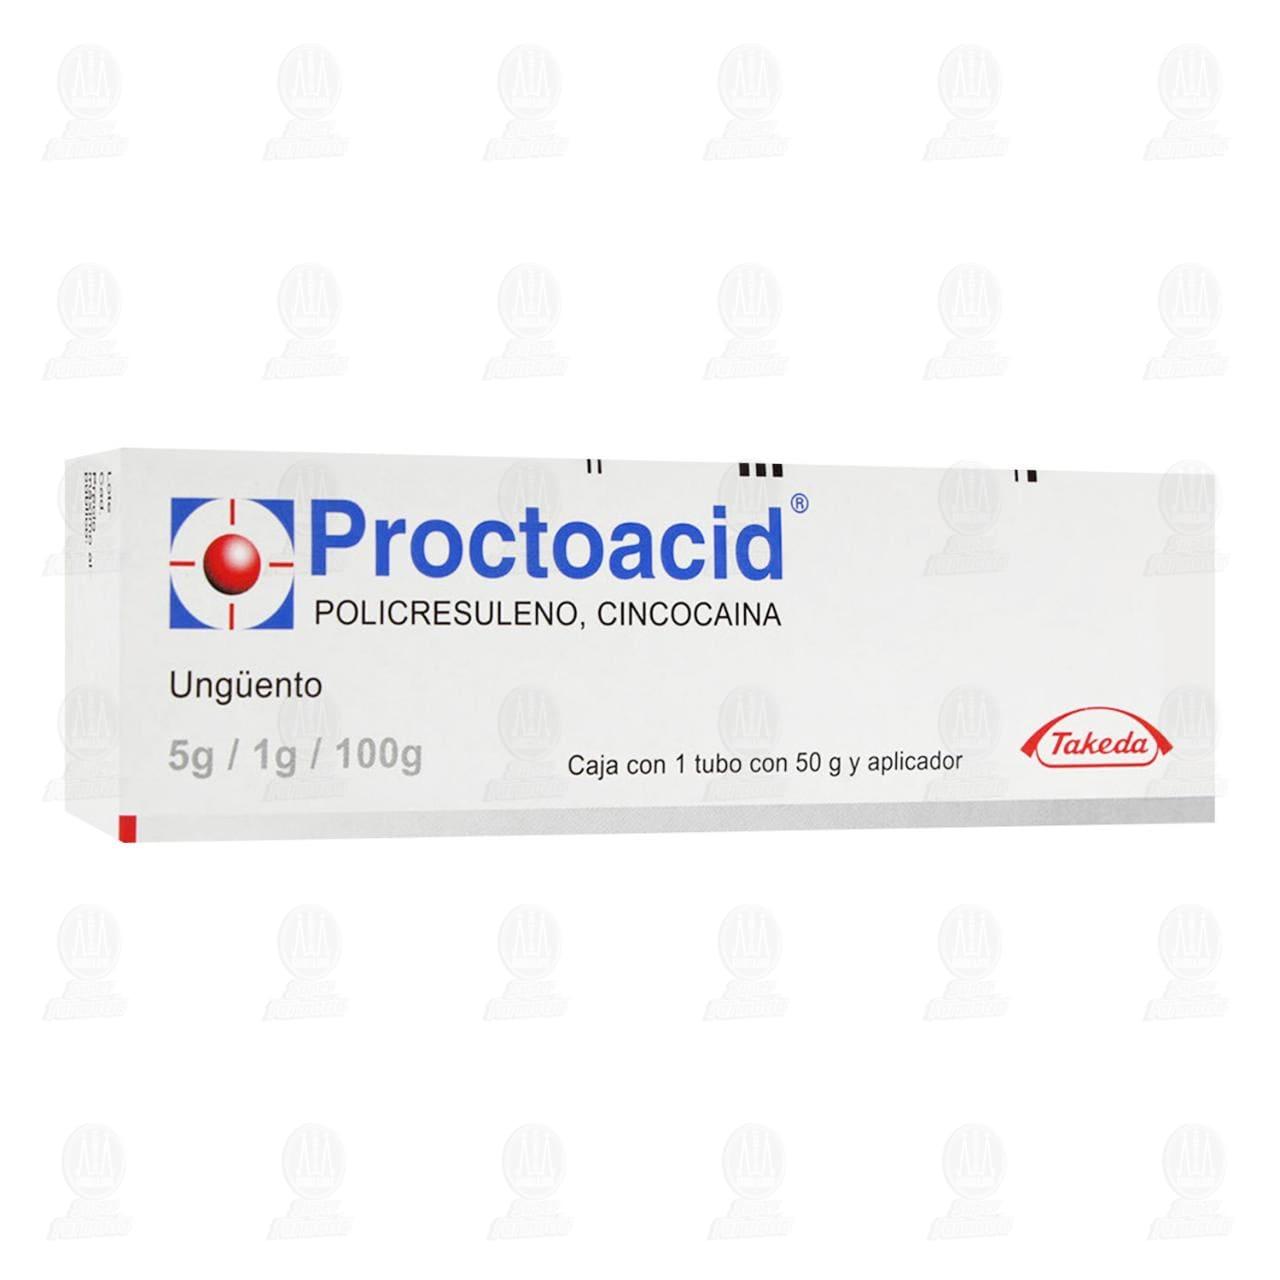 Comprar Proctoacid UngÜento 5gr/1gr/100gr 50gr y Aplicador en Farmacias Guadalajara